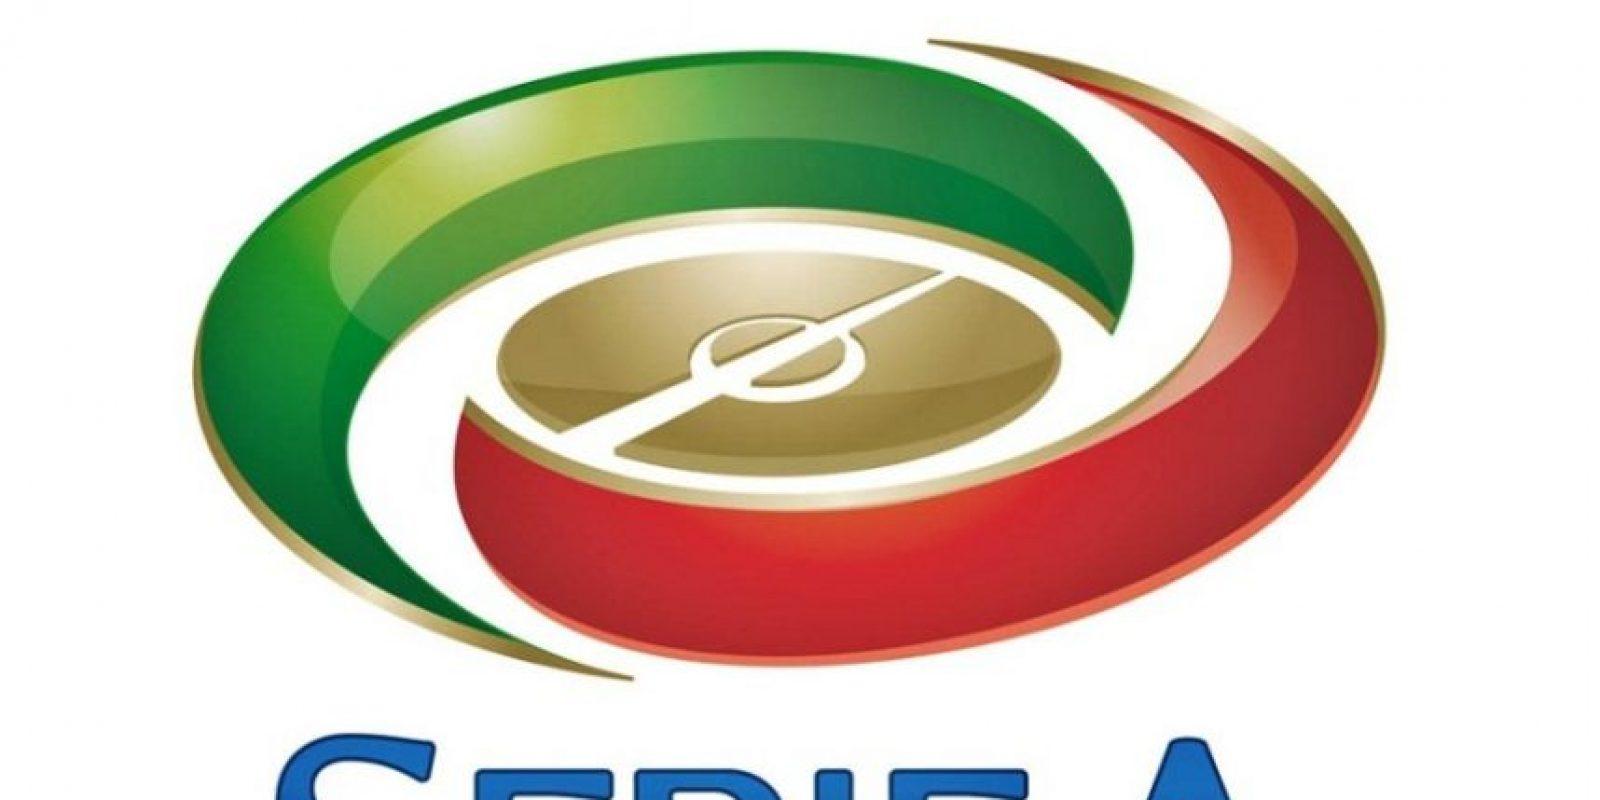 El podio lo completa la Serie A italiana con 56 jugadores entregados para la Euro